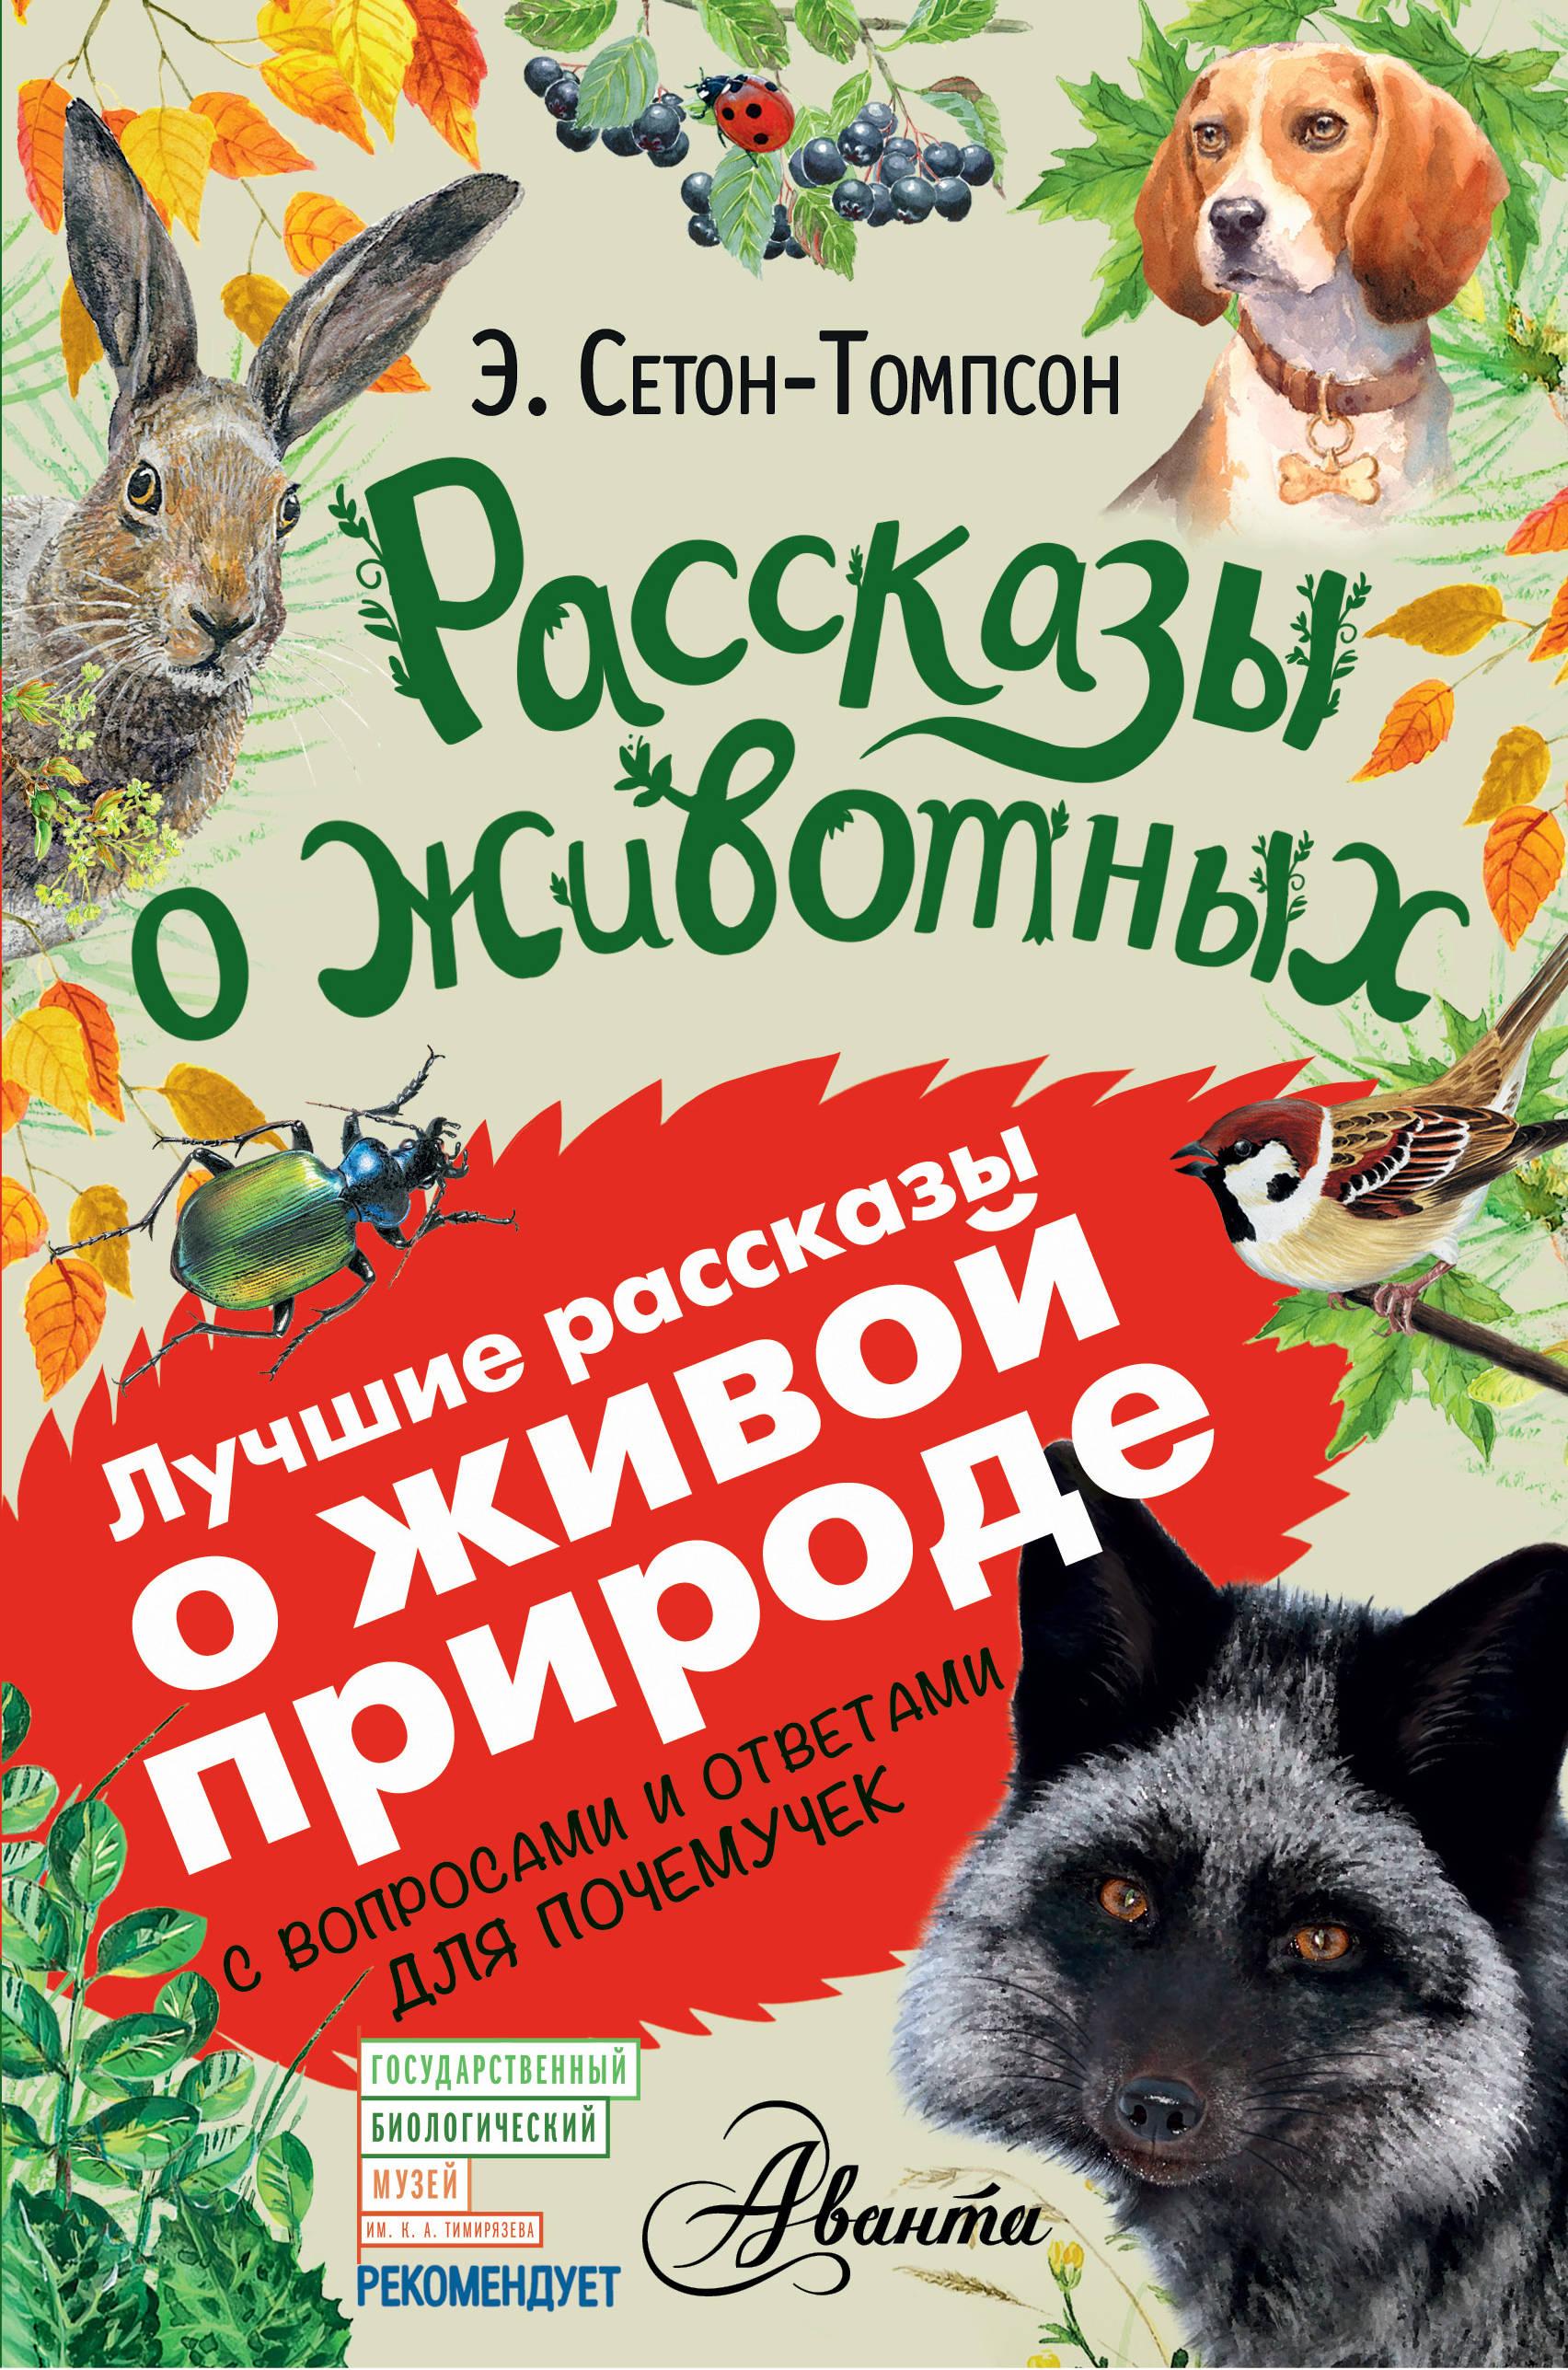 Сетон-Томпсон Э. Рассказы о животных первов м рассказы о русских ракетах книга 2